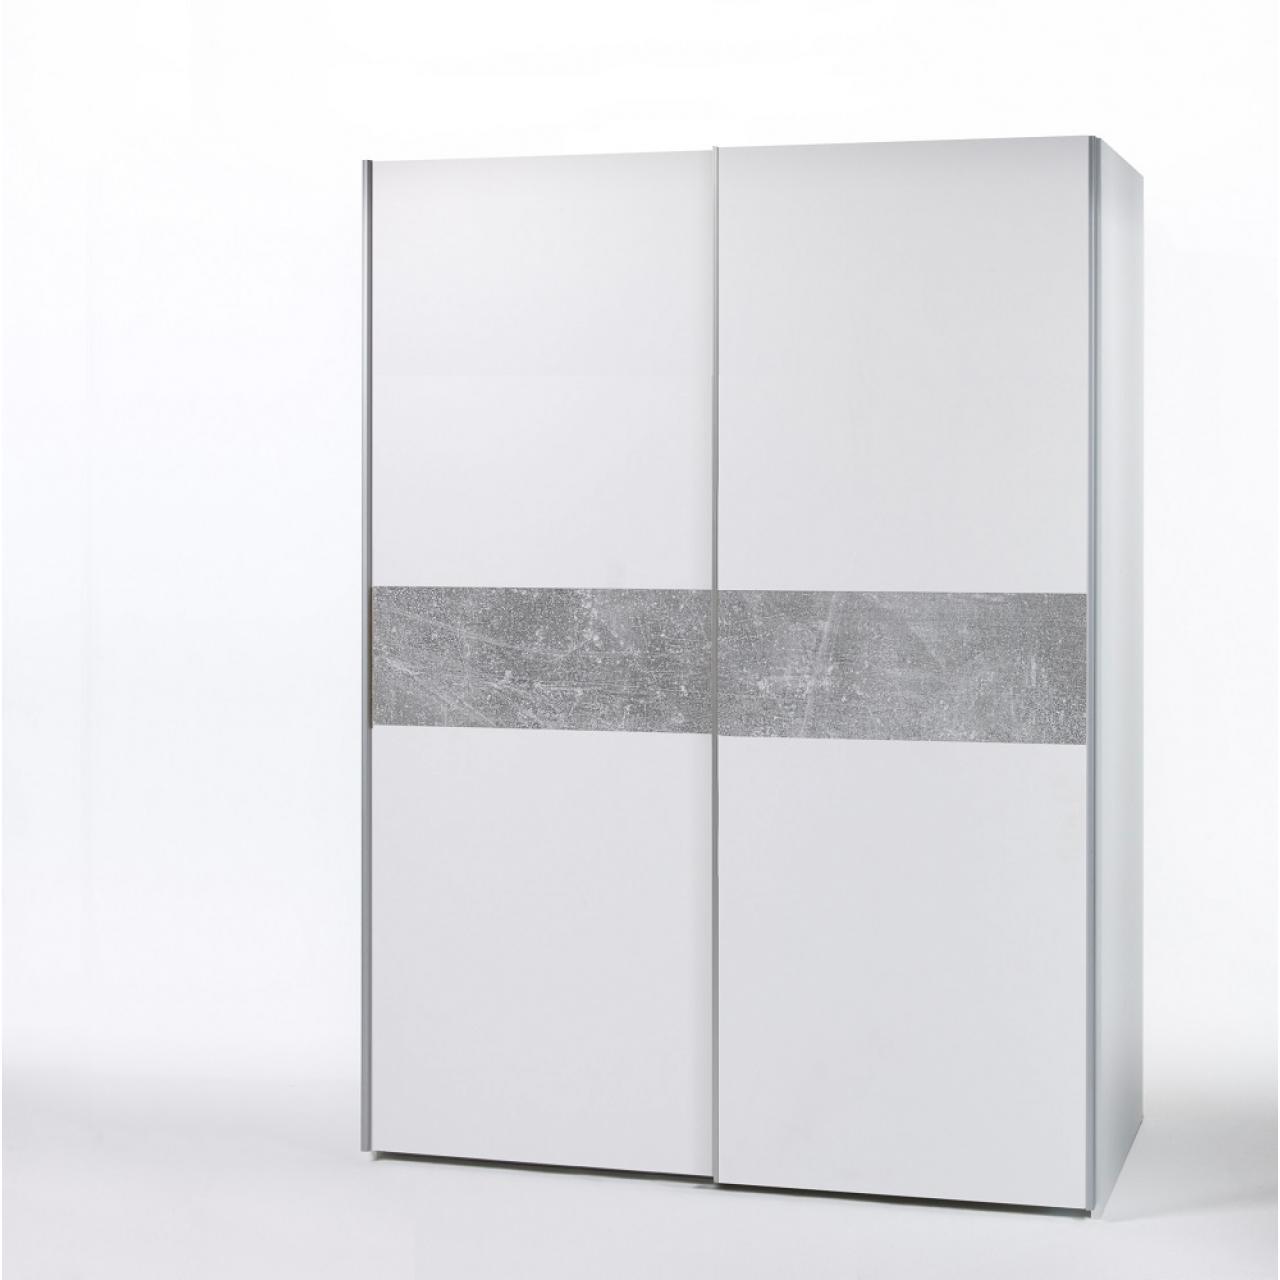 Schwebetürenschrank Puls 2-türig Weiß Beton MDF Dekorfolie Kleiderschrank